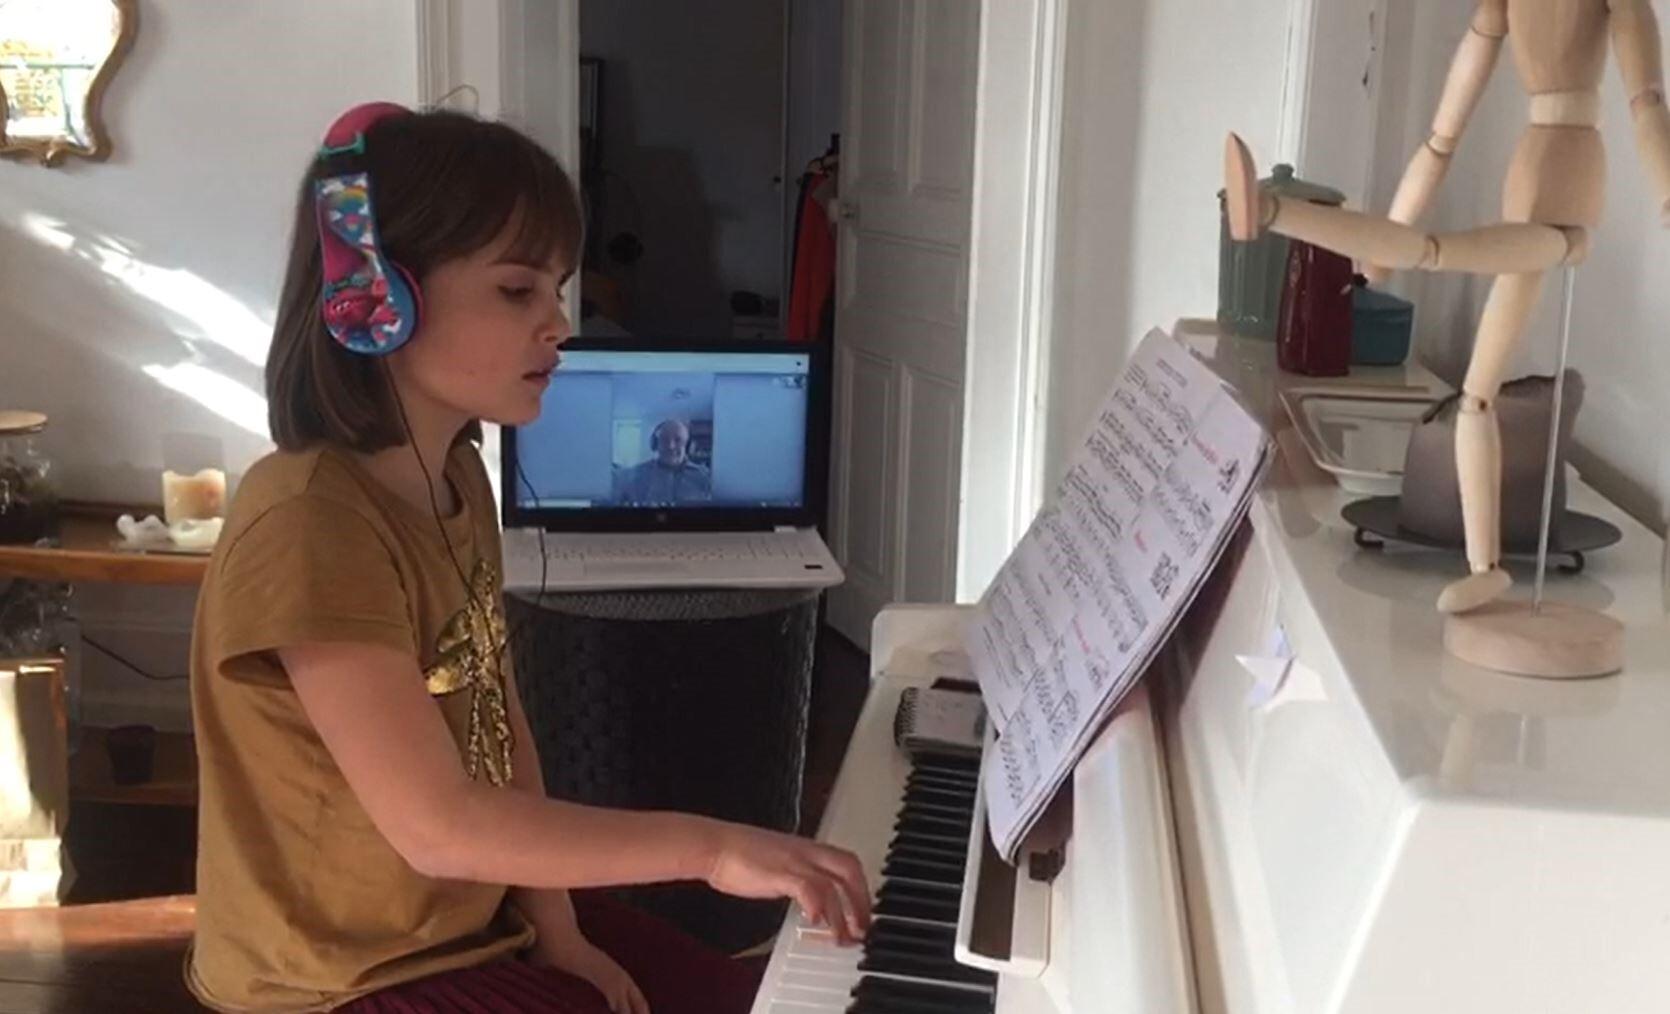 Cours de musique à distance avec Allegro